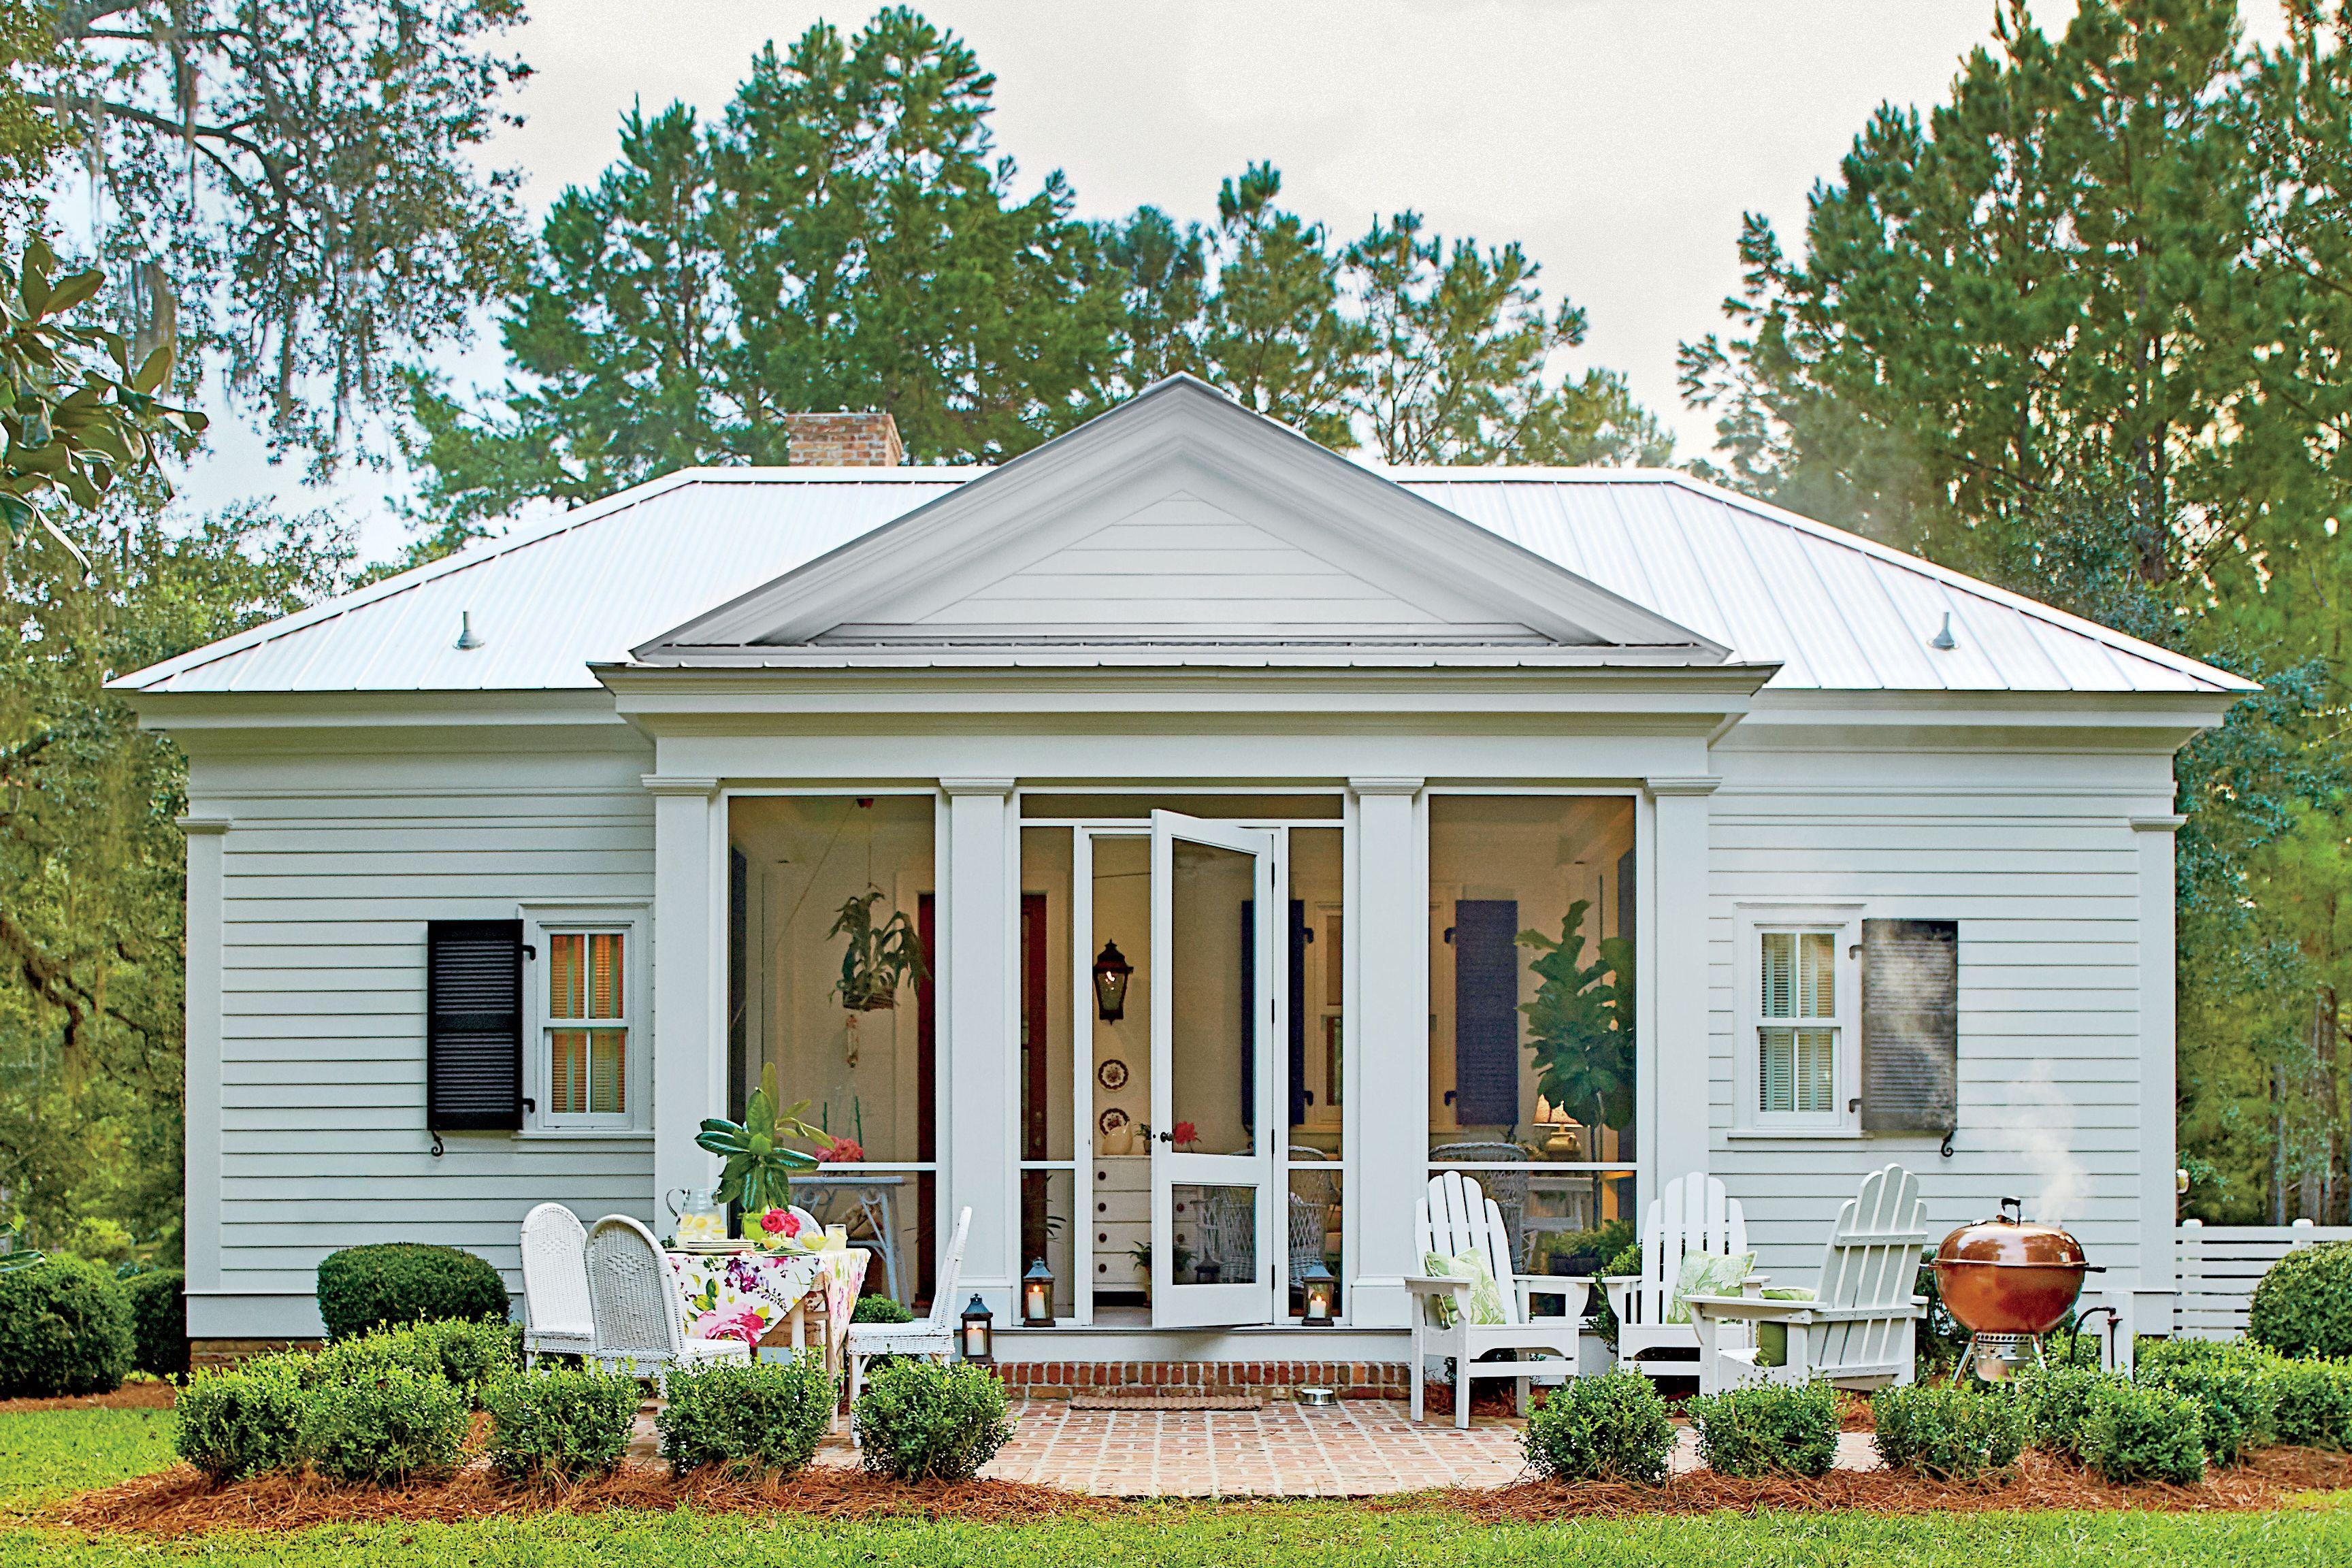 Brandon ingram florida cottage back view home design for Florida cottage house plans